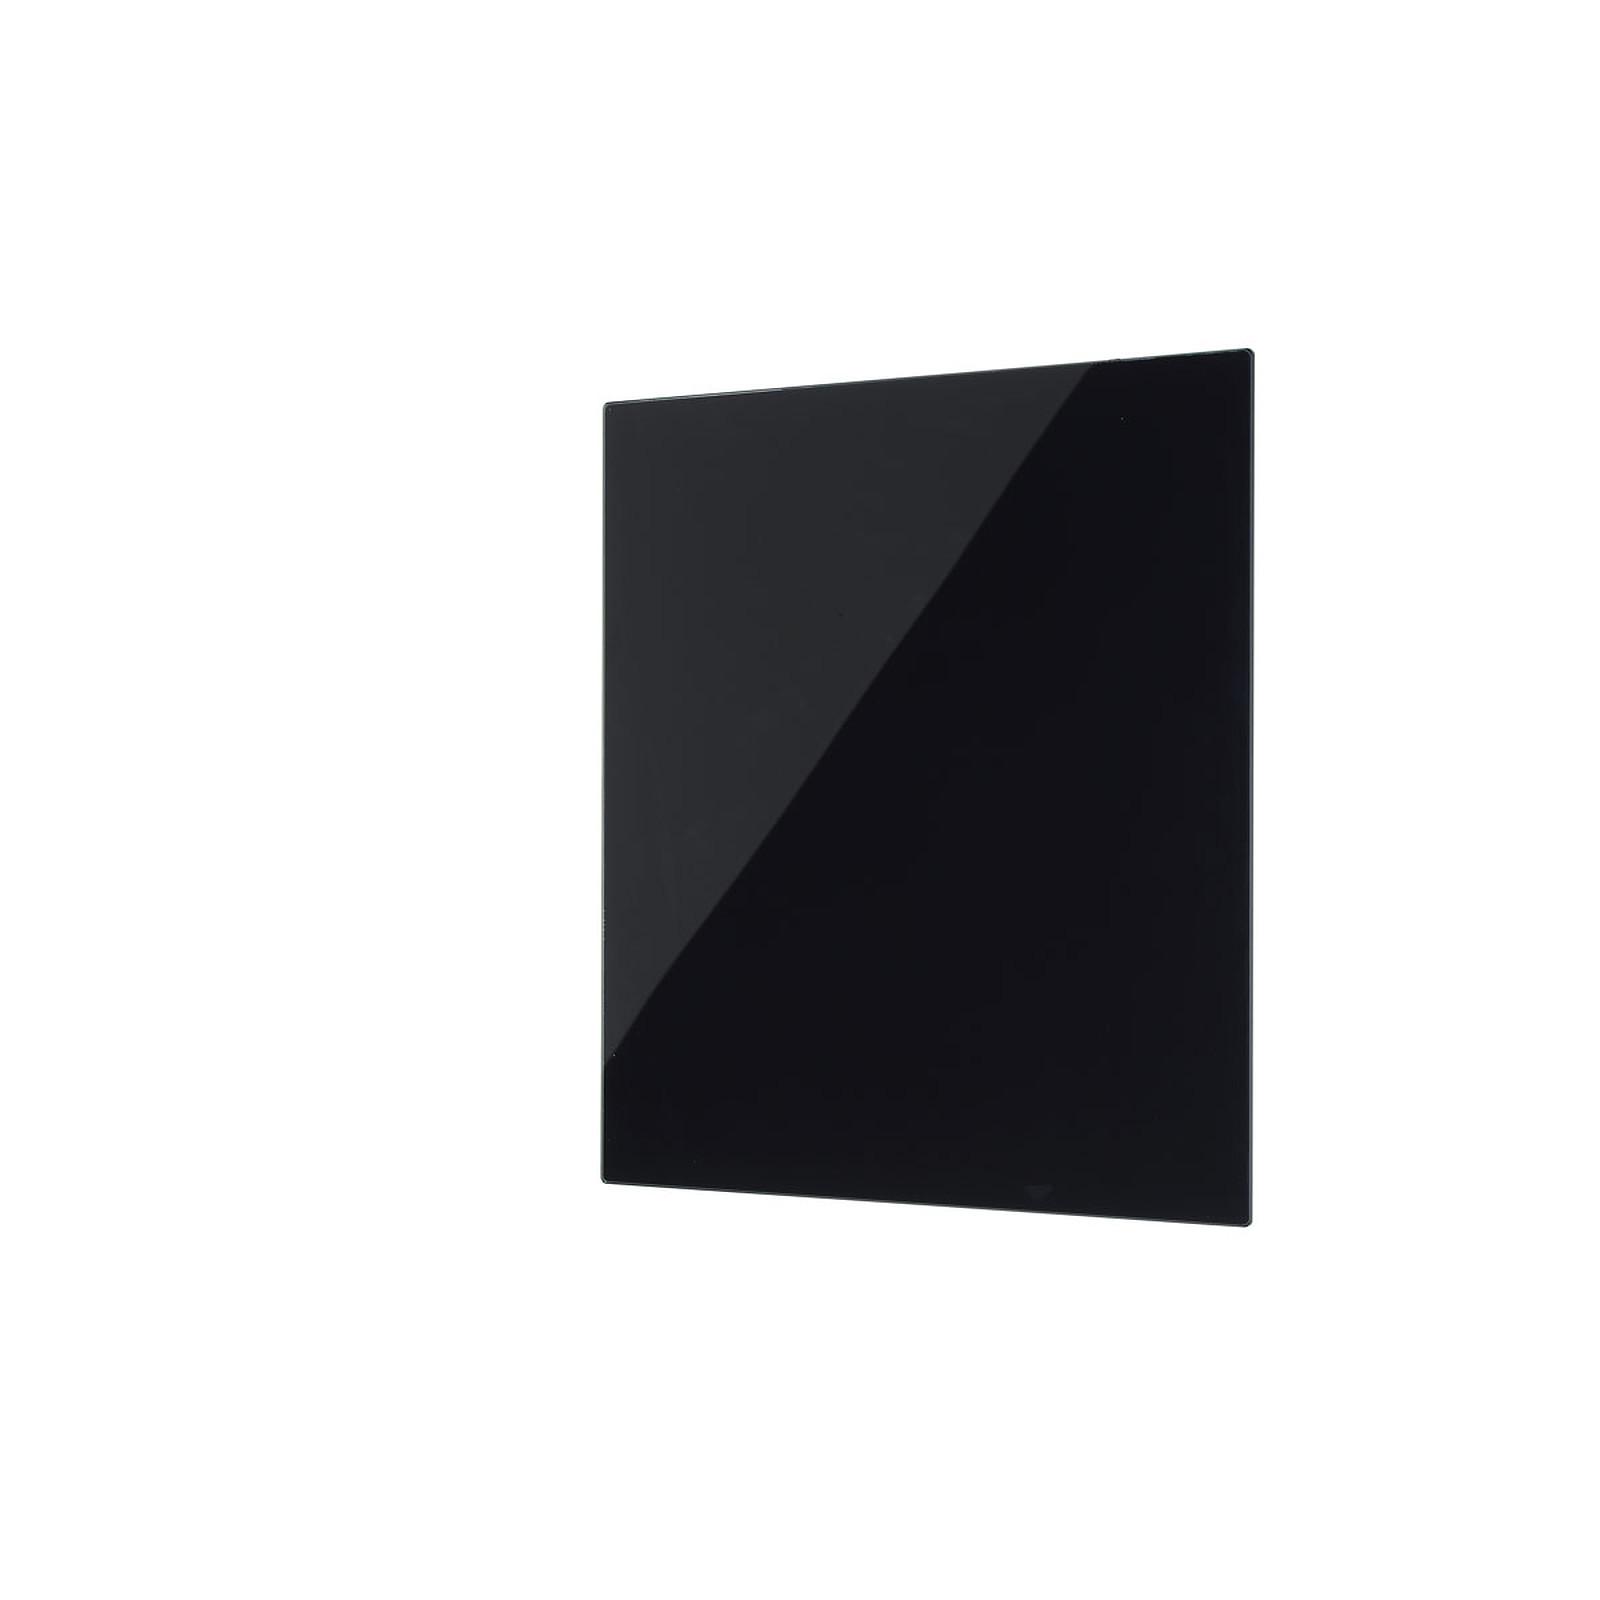 bi office tableau m mo en verre magn tique noir tableau. Black Bedroom Furniture Sets. Home Design Ideas